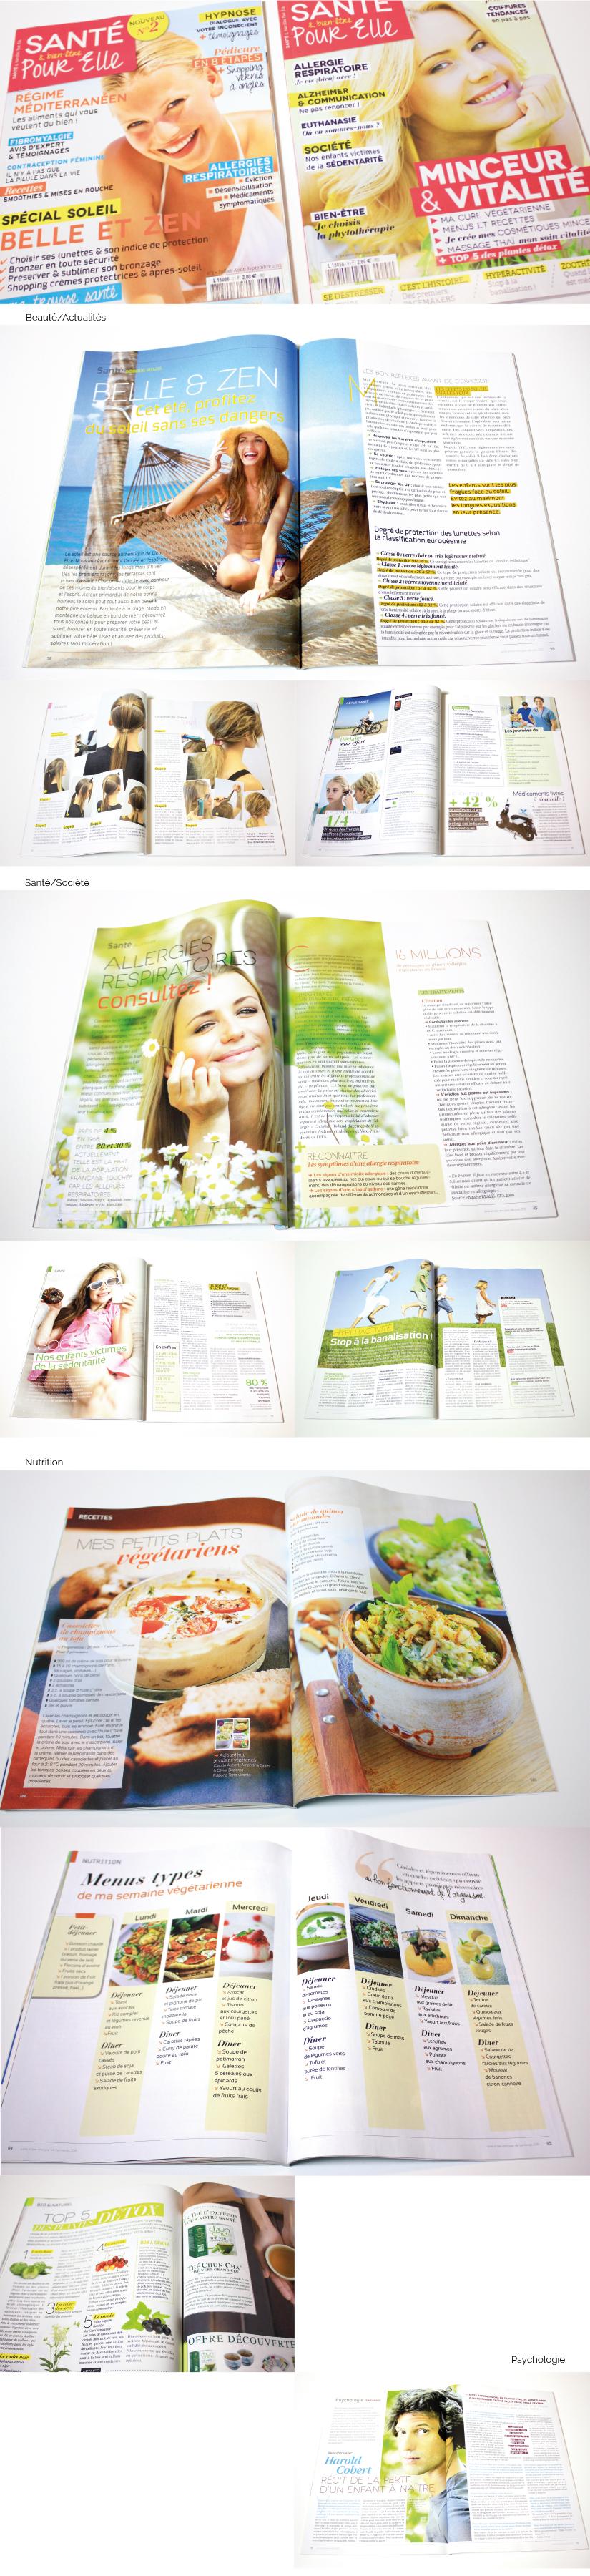 Da mise en page magazine kiosque féminin santé